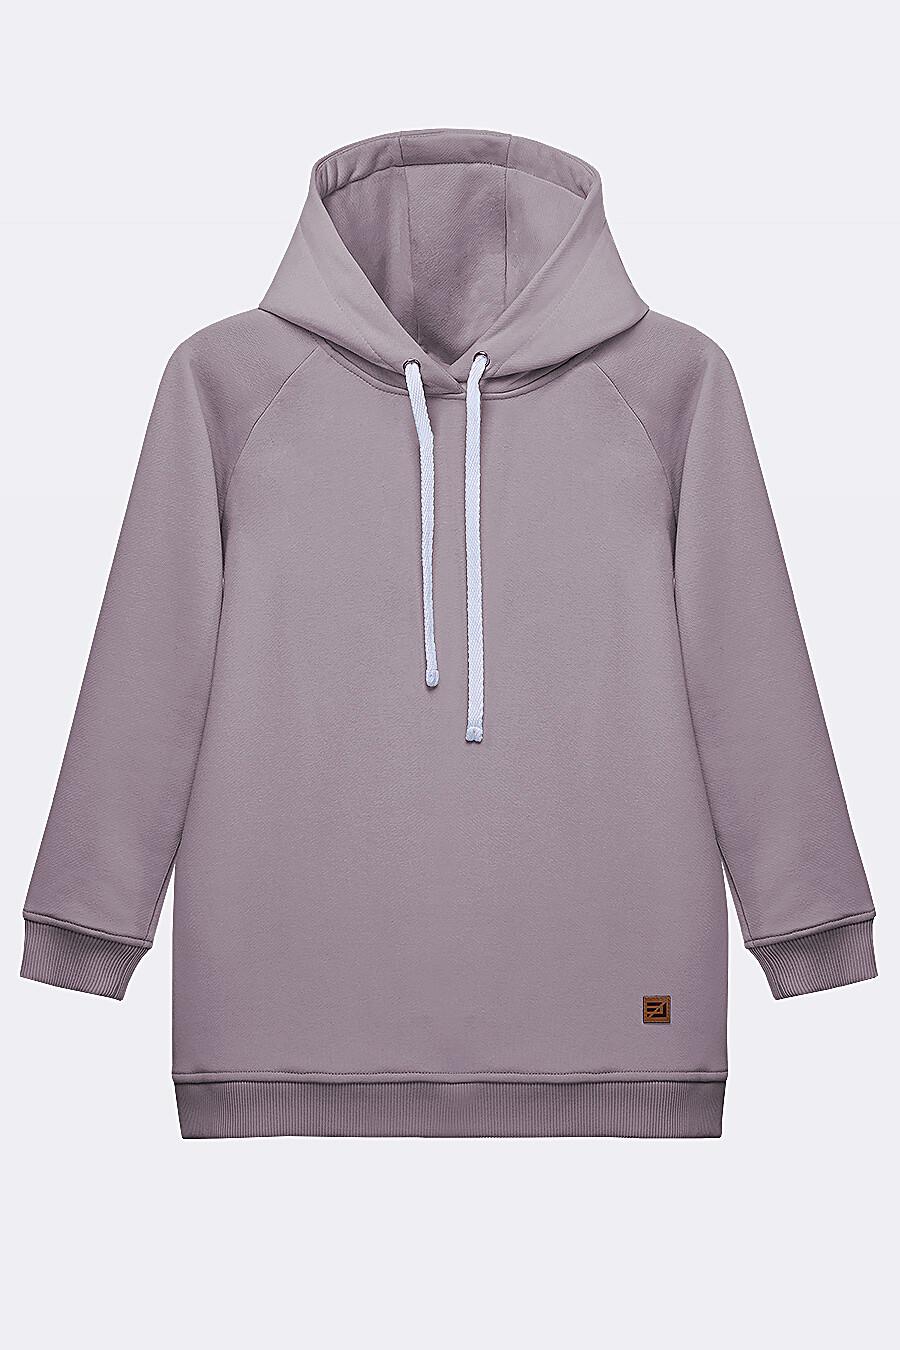 Худи для мальчиков EZANNA 682358 купить оптом от производителя. Совместная покупка детской одежды в OptMoyo